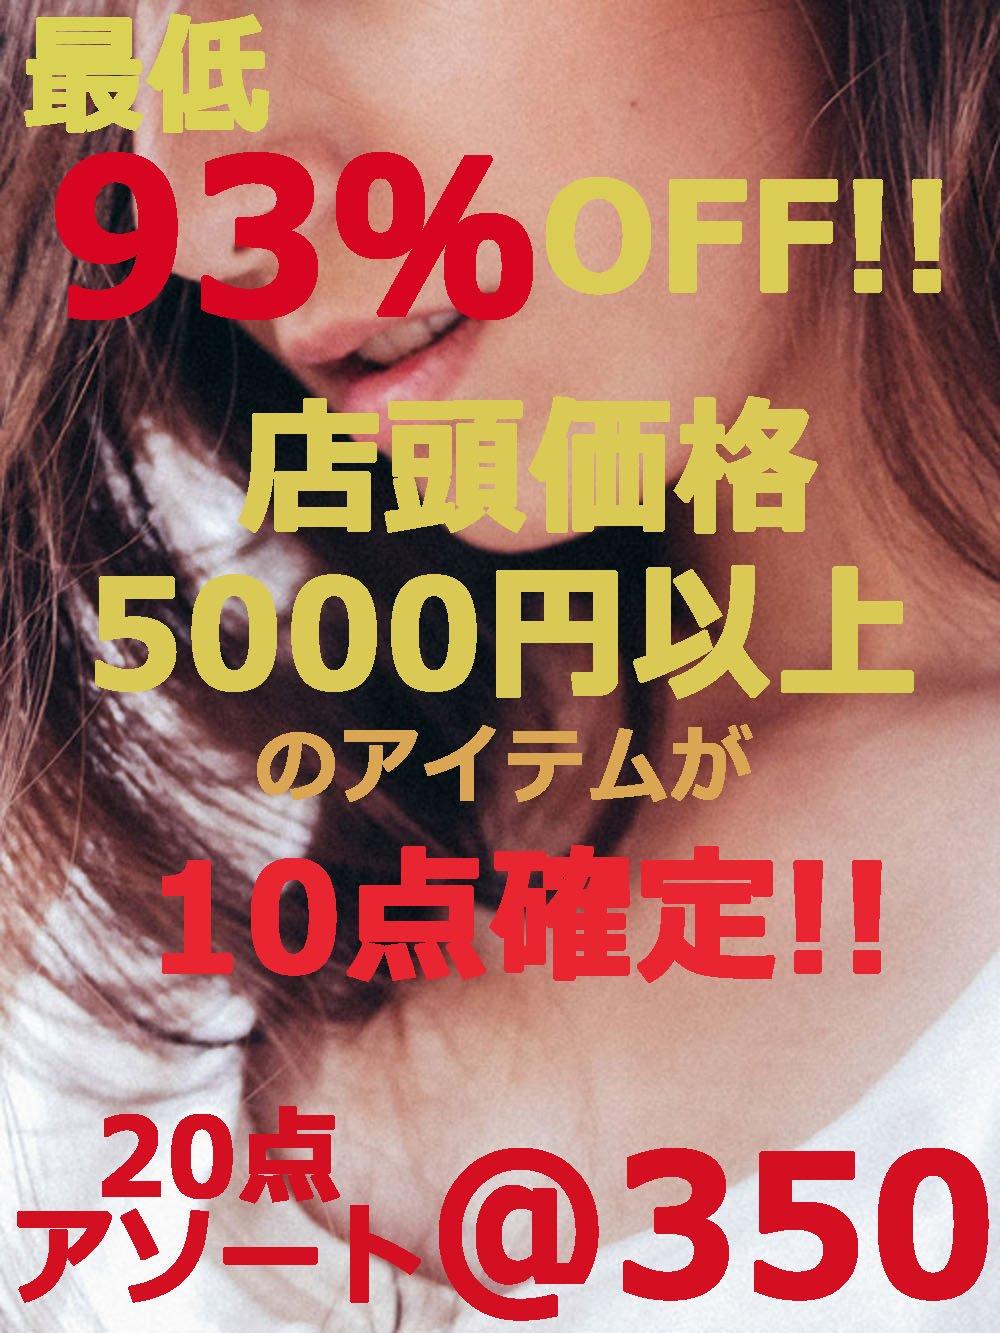 【店頭価格5000円以上(最低でも93%OFF!!)が10点確定☆】超お得20点アソート @350